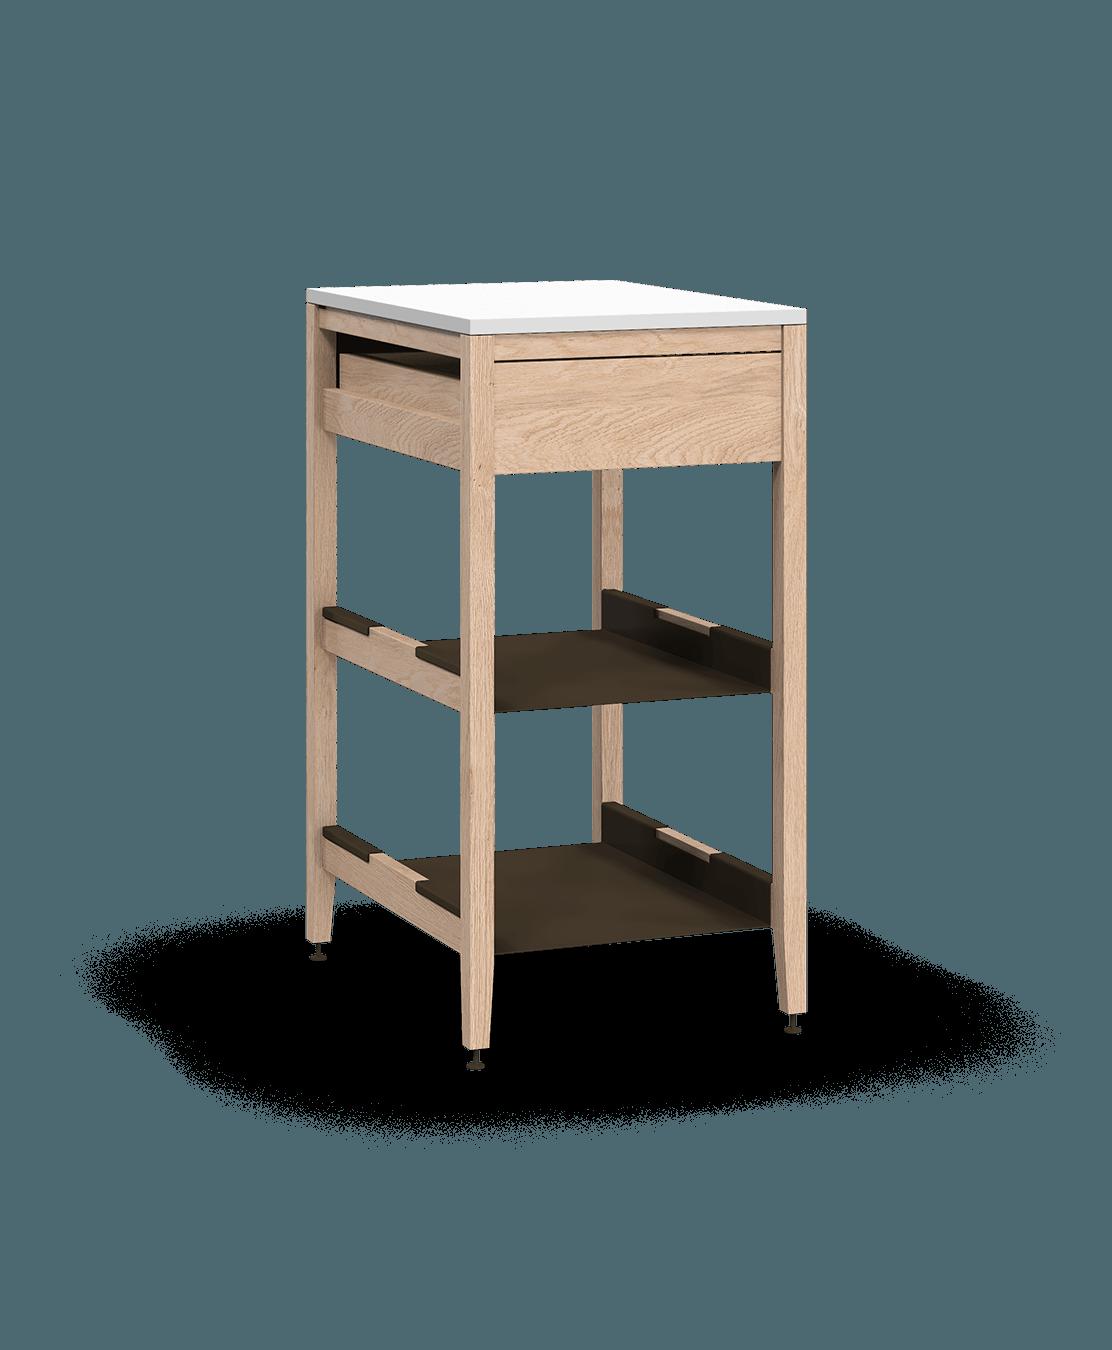 armoire de cuisine modulaire inférieure en bois massif coquo radix avec 2 tablettes 1 tiroir chêne blanc 18 pouces C1-C-18SB-1021-NA